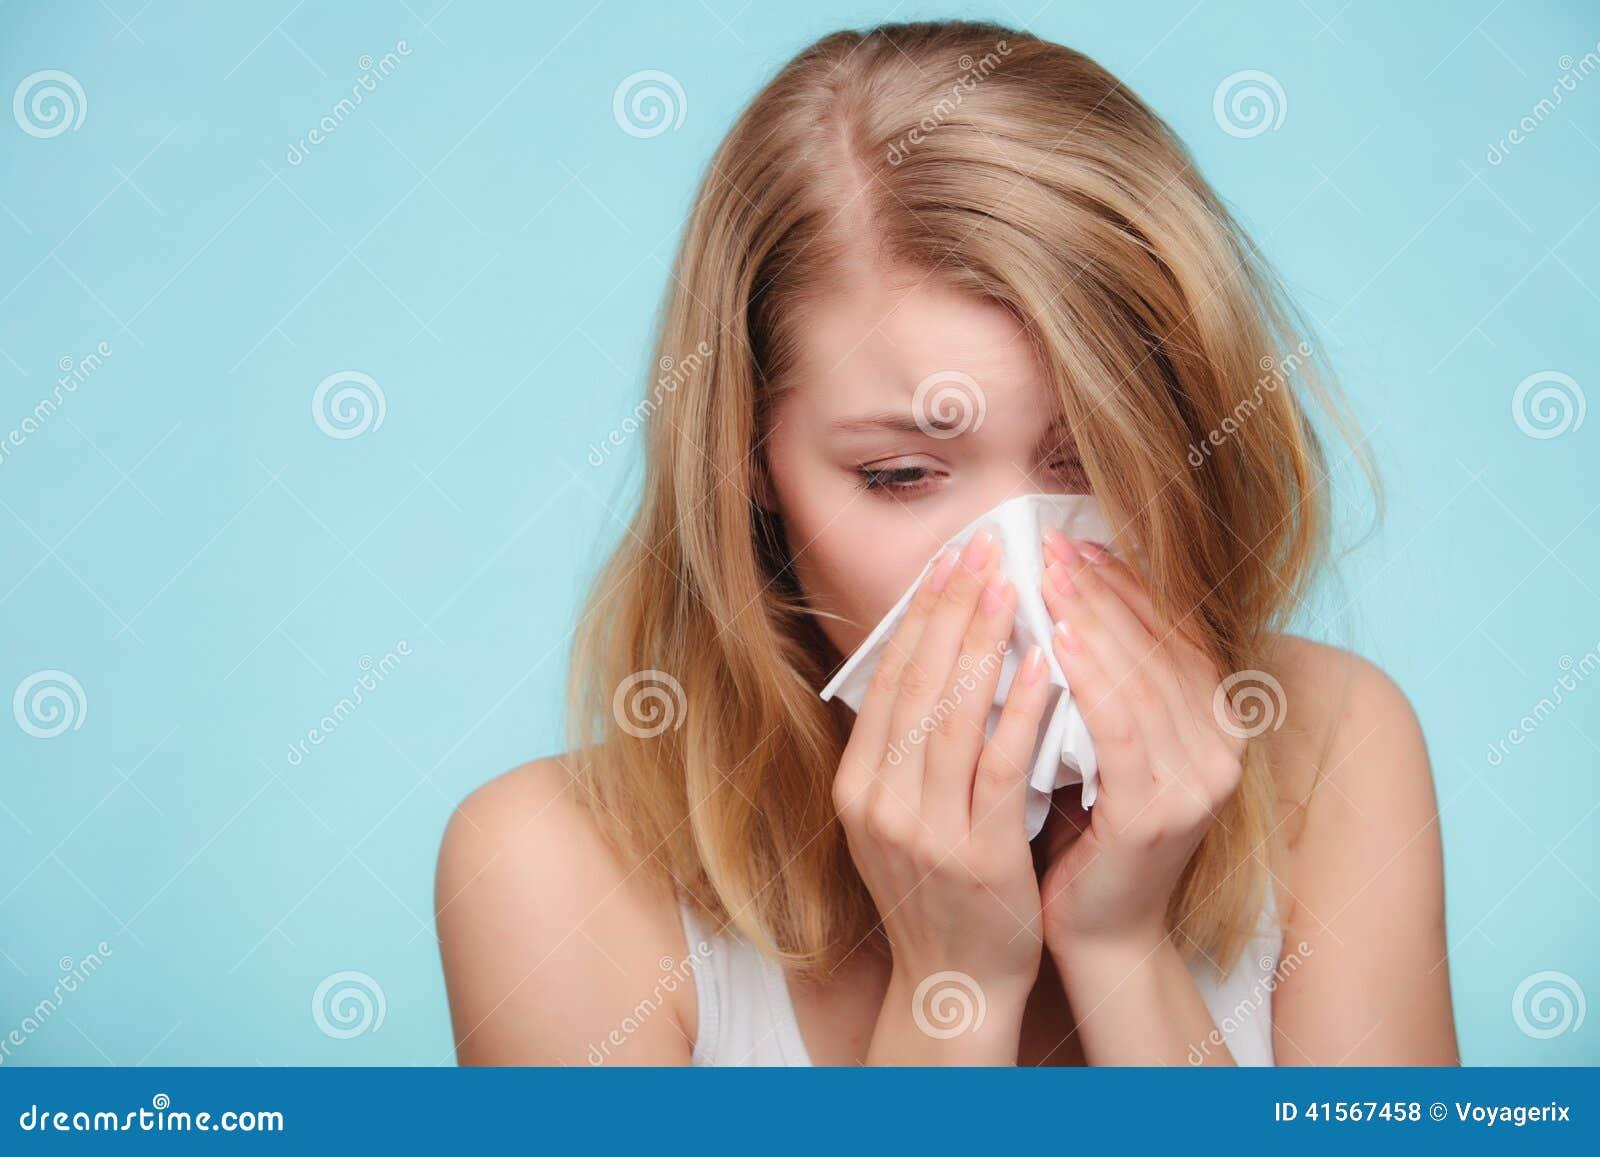 Influensaallergi Sjuk flicka som nyser i silkespapper hälsa